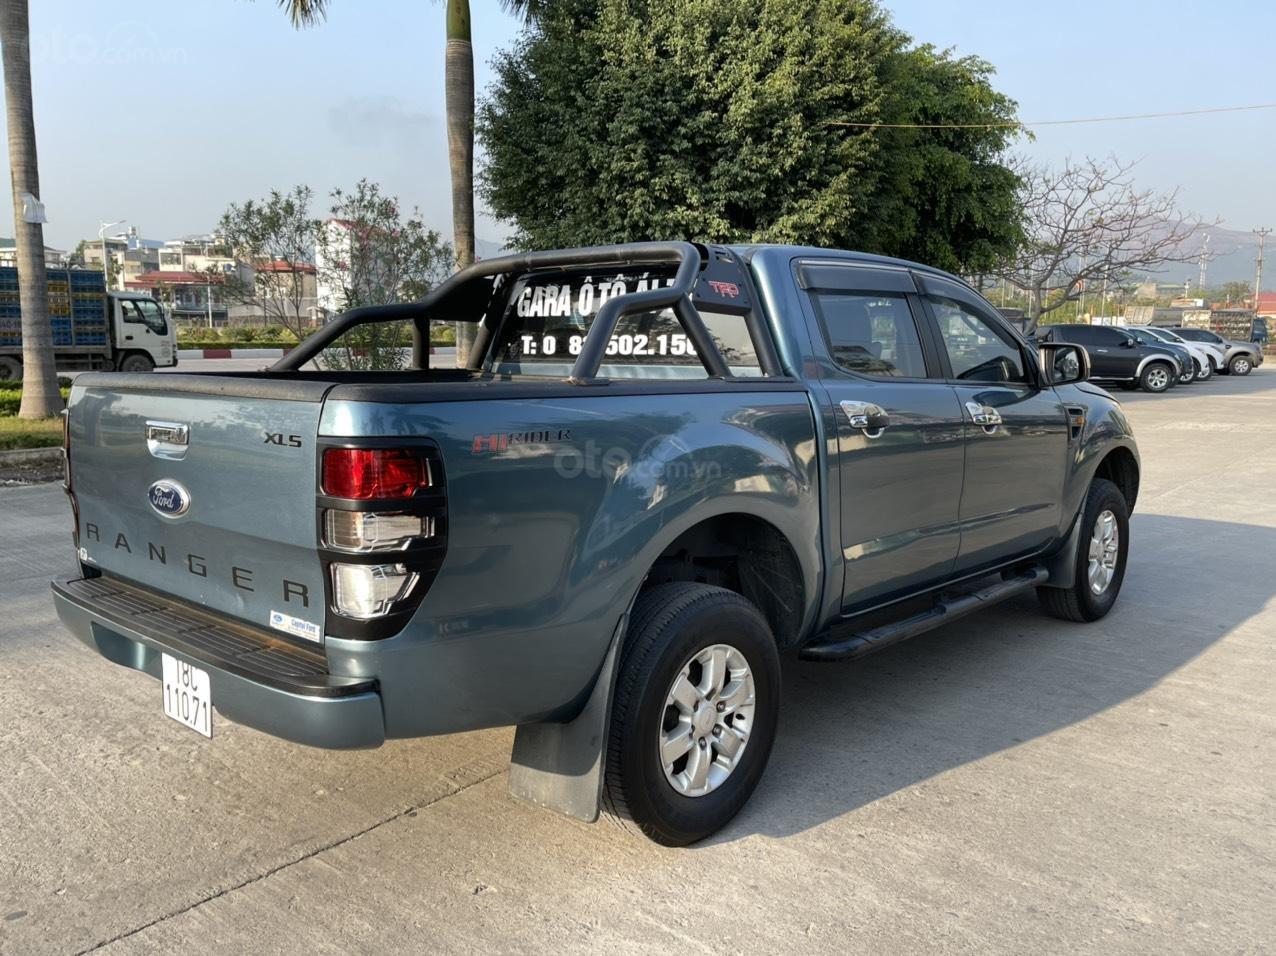 Bán Ford Ranger XLS đời 2014 bản 1 cầu số sàn 2.2, xe nhập khẩu (4)